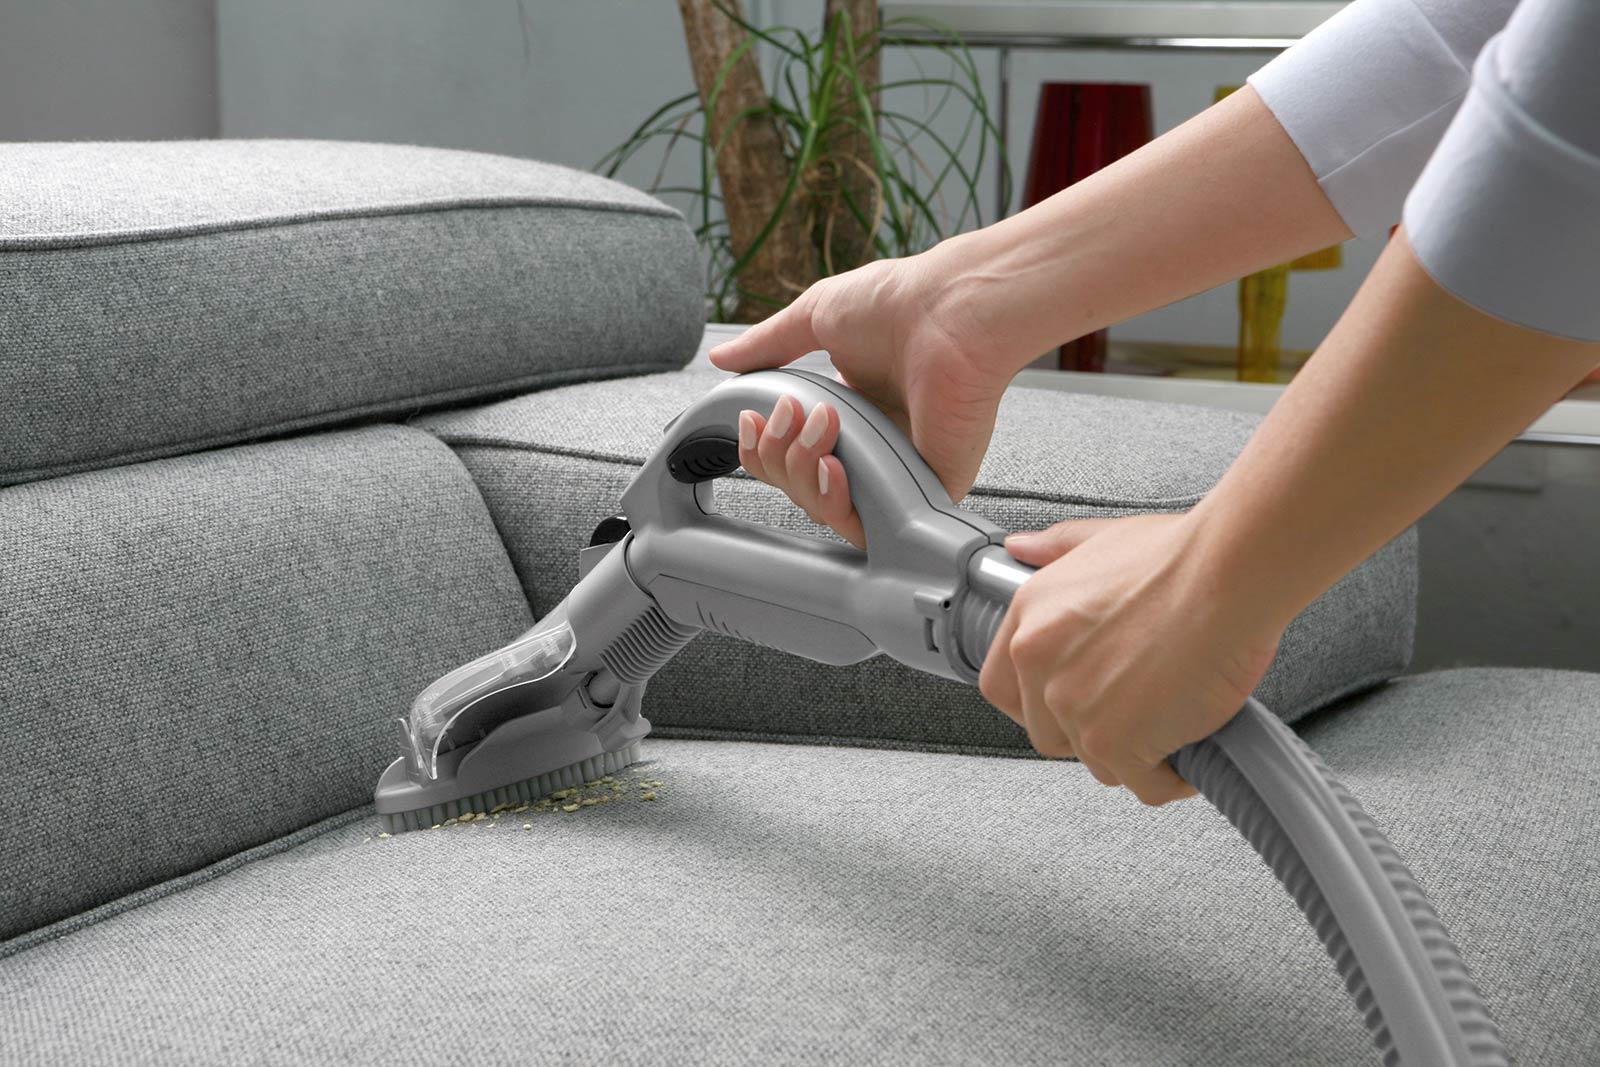 قبل تطبيق طريقة تنظيف الكنب بالخل، تُشفط الأتربة العالقة والغبار بالكنب